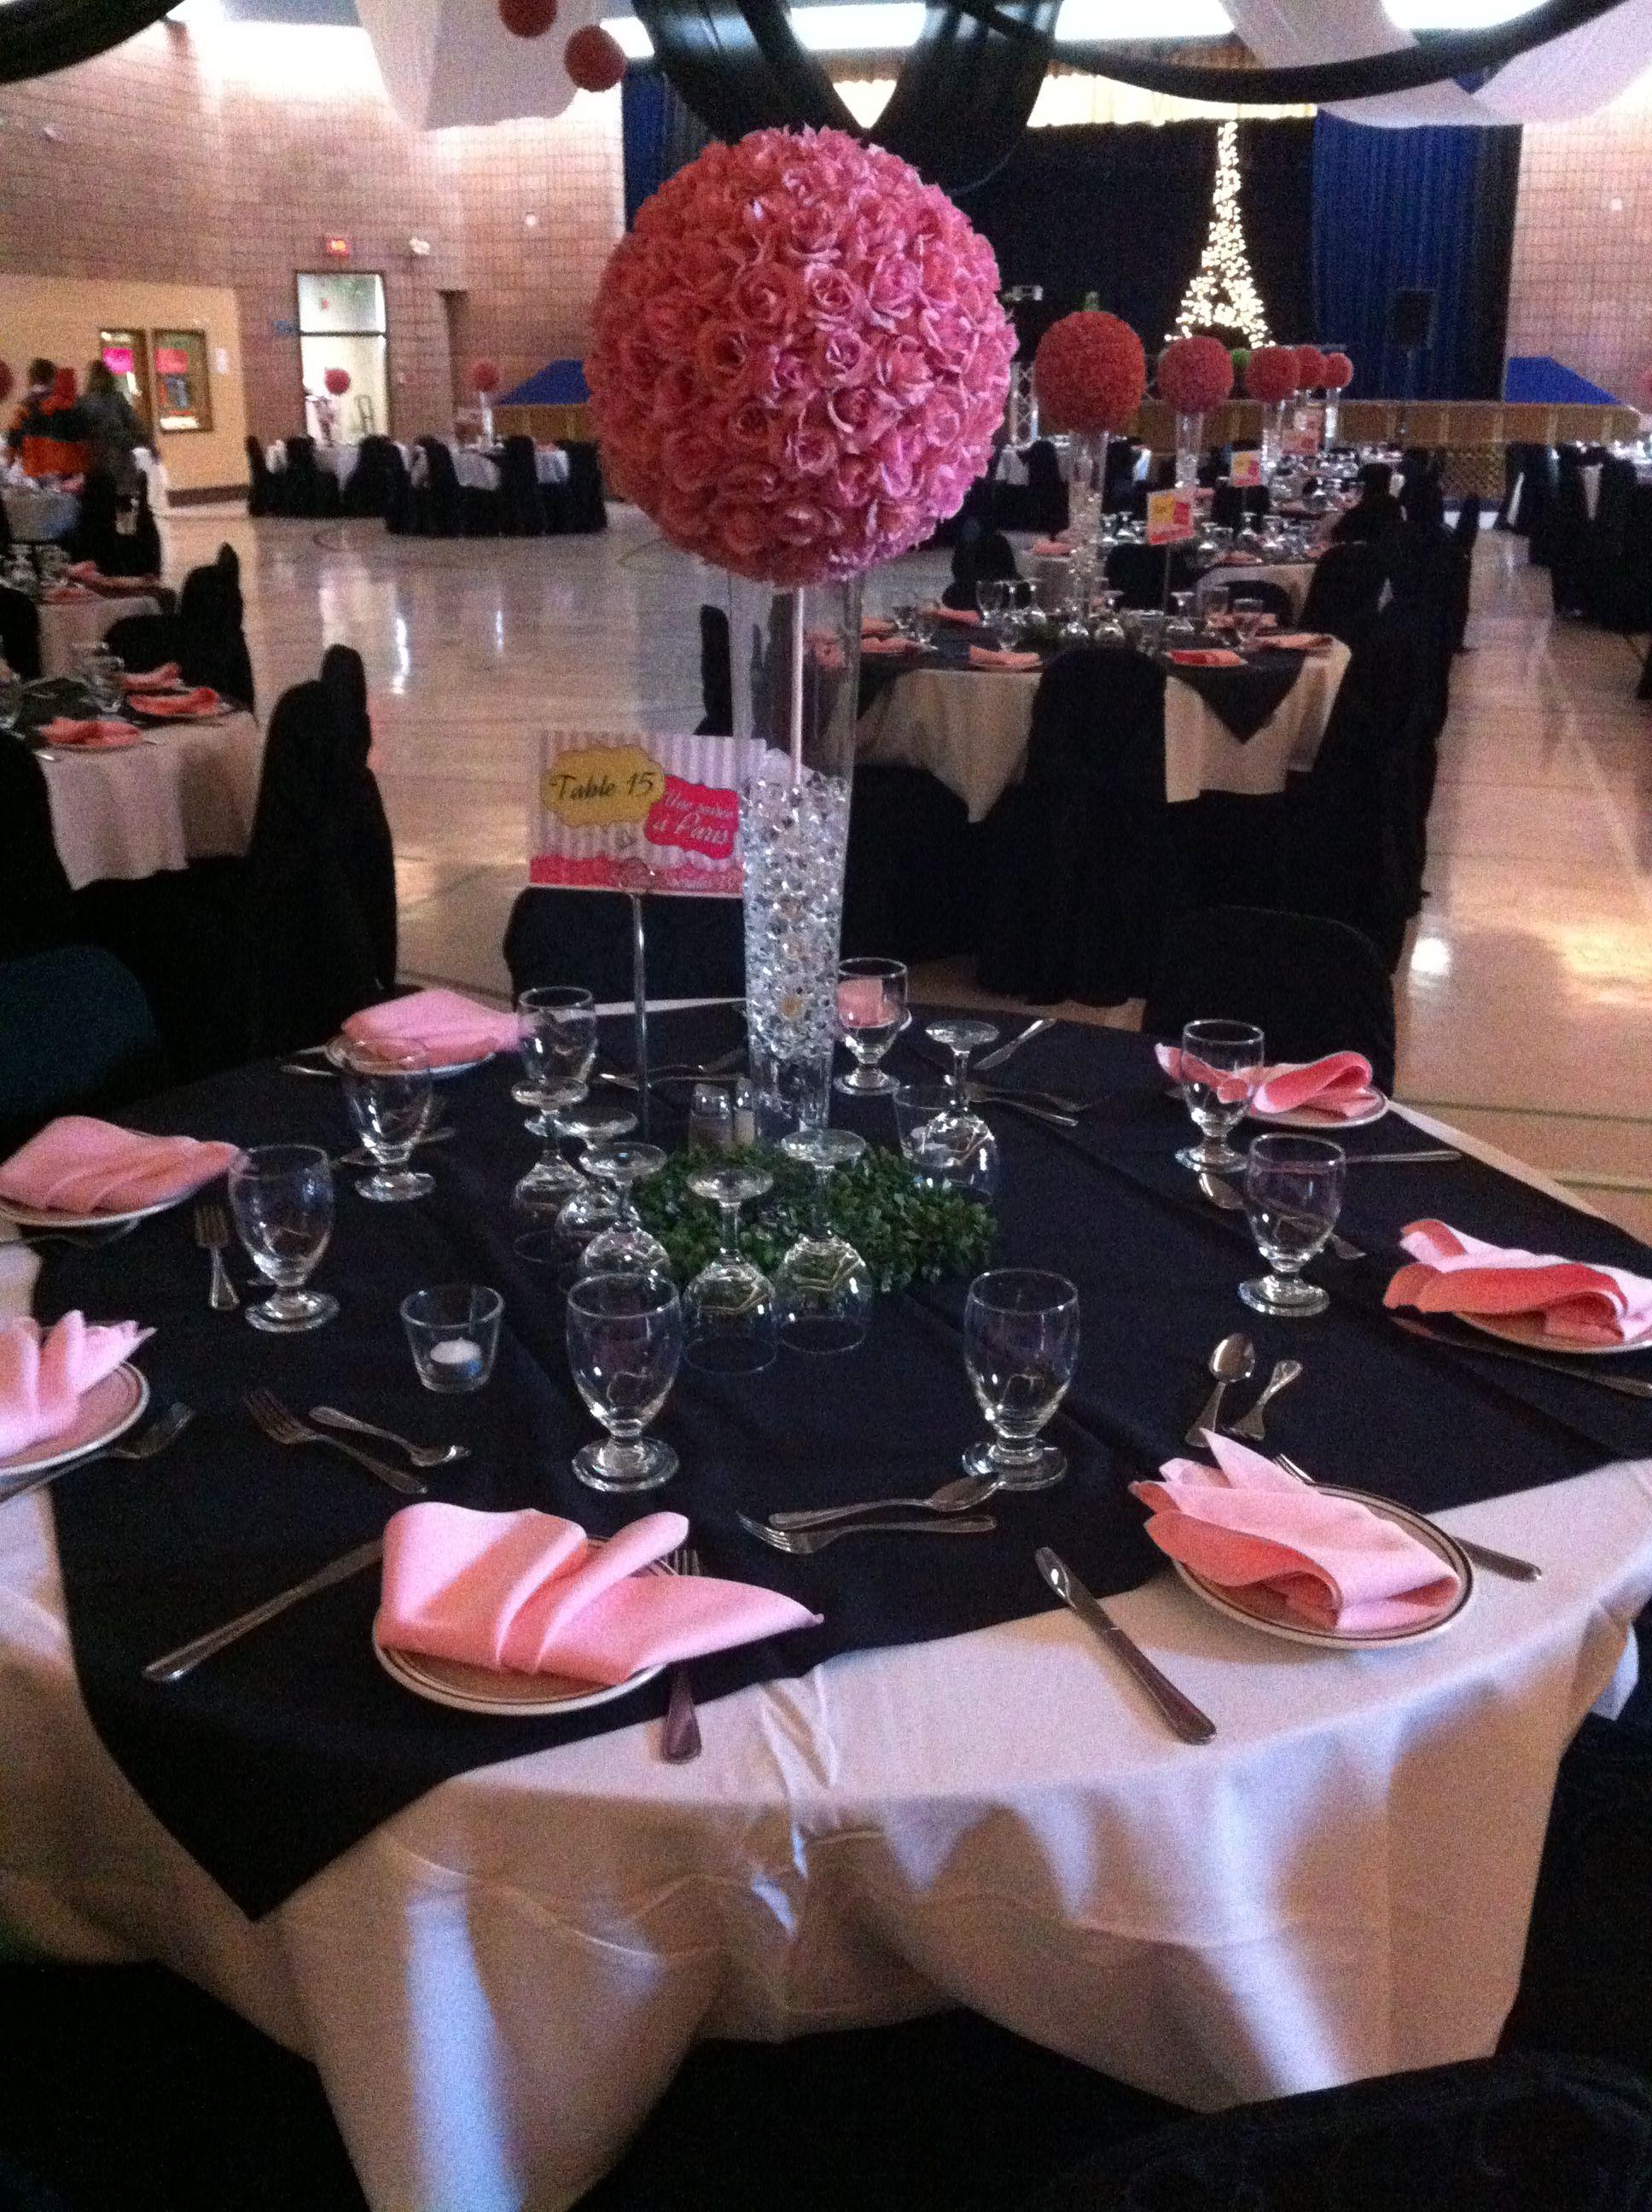 Paris Theme Black White And Pink Table Arrangement